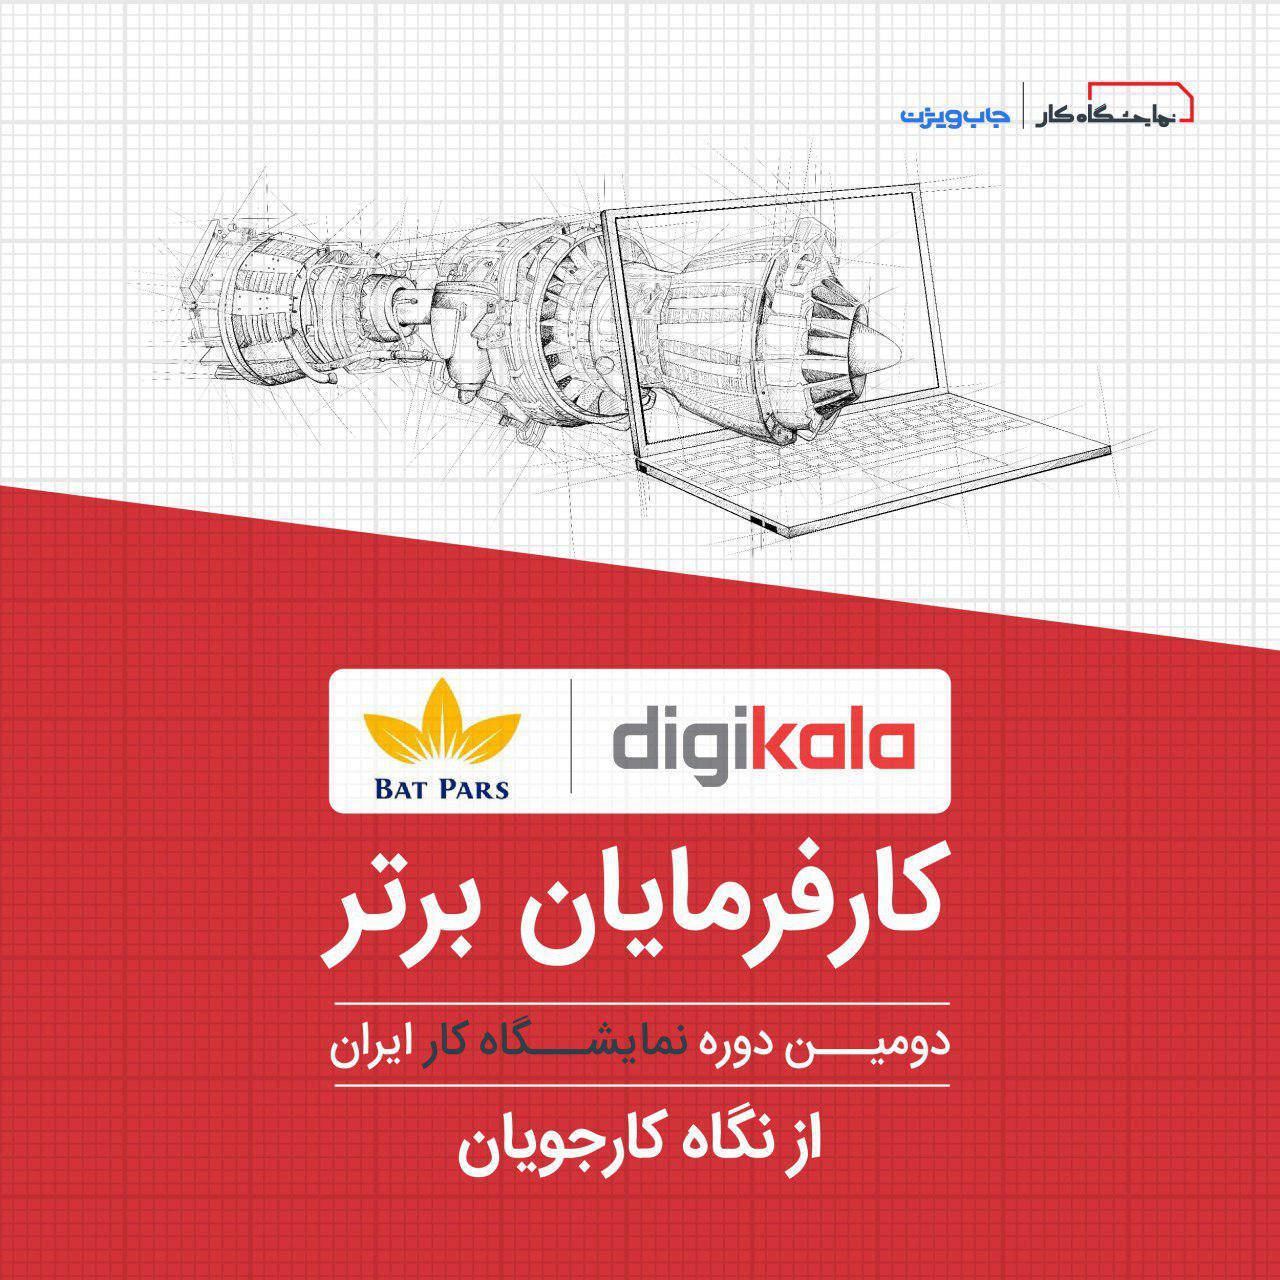 برترین کارفرمایان حاضر در دومین نمایشگاه کار ایران از نگاه کارجویان